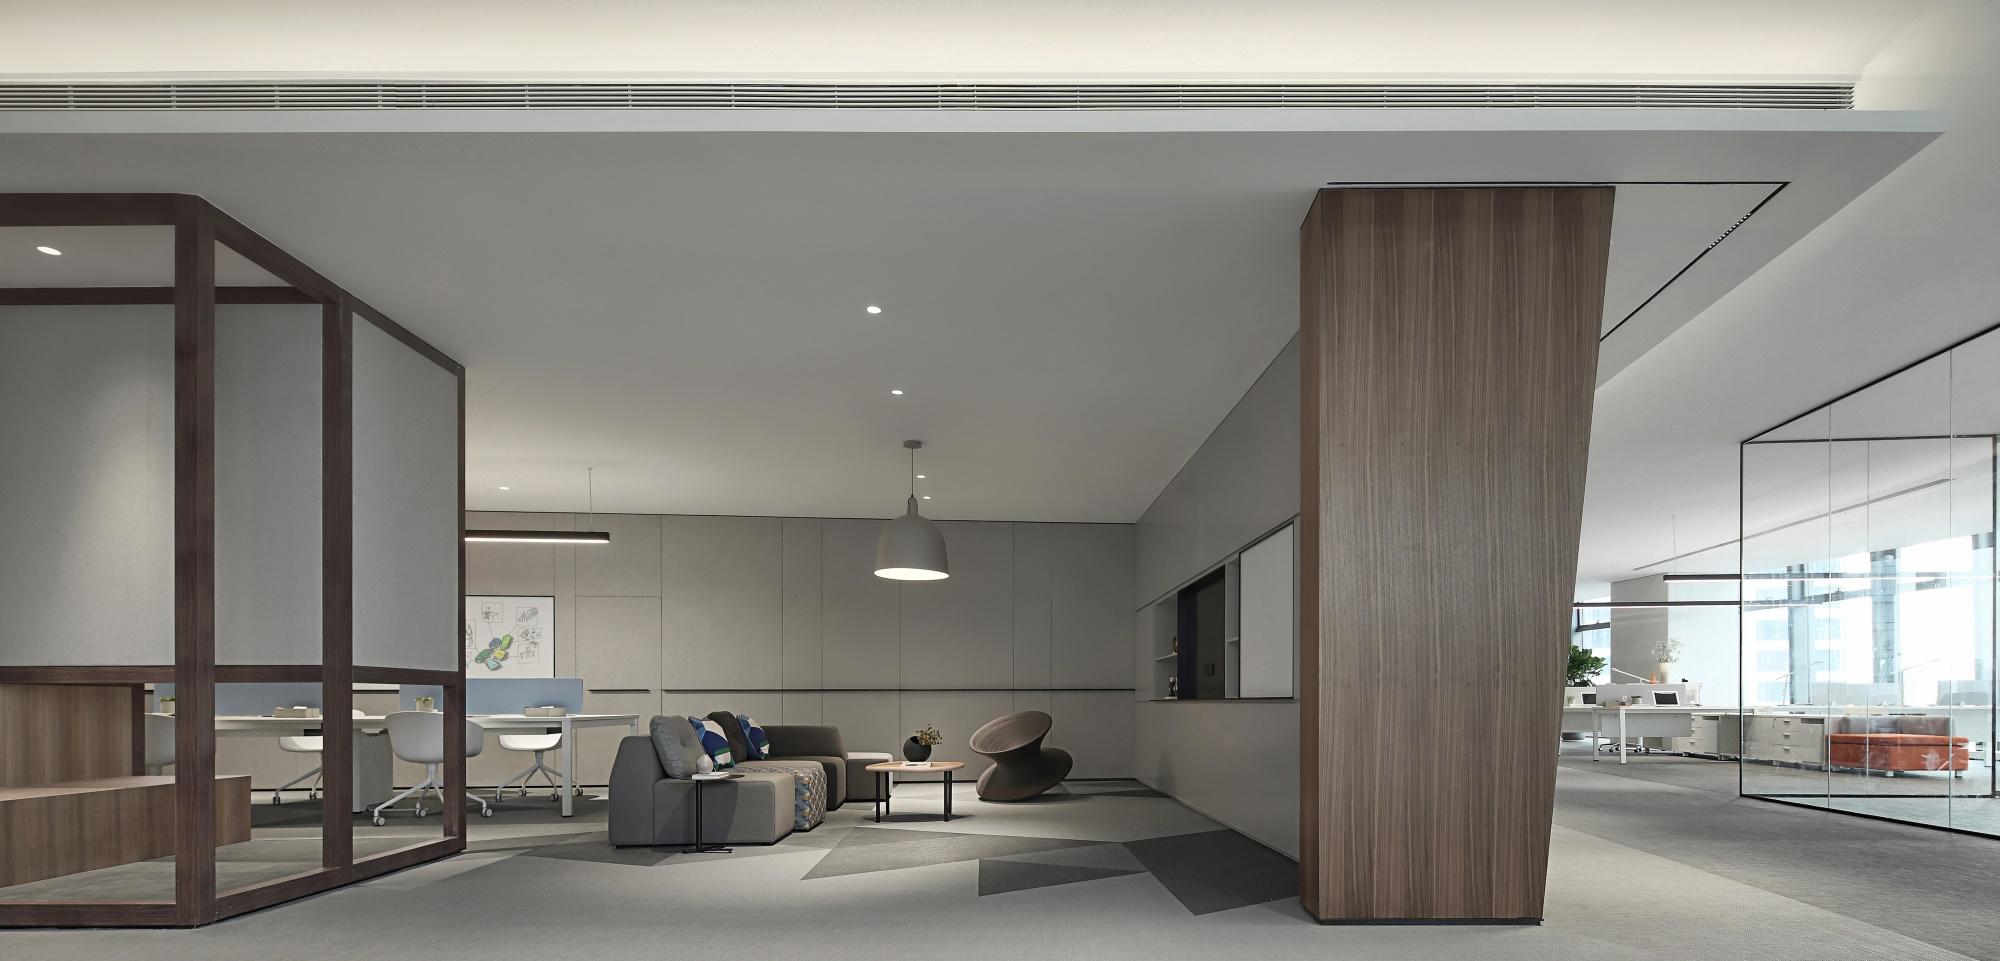 商业空间办公工装空间展示